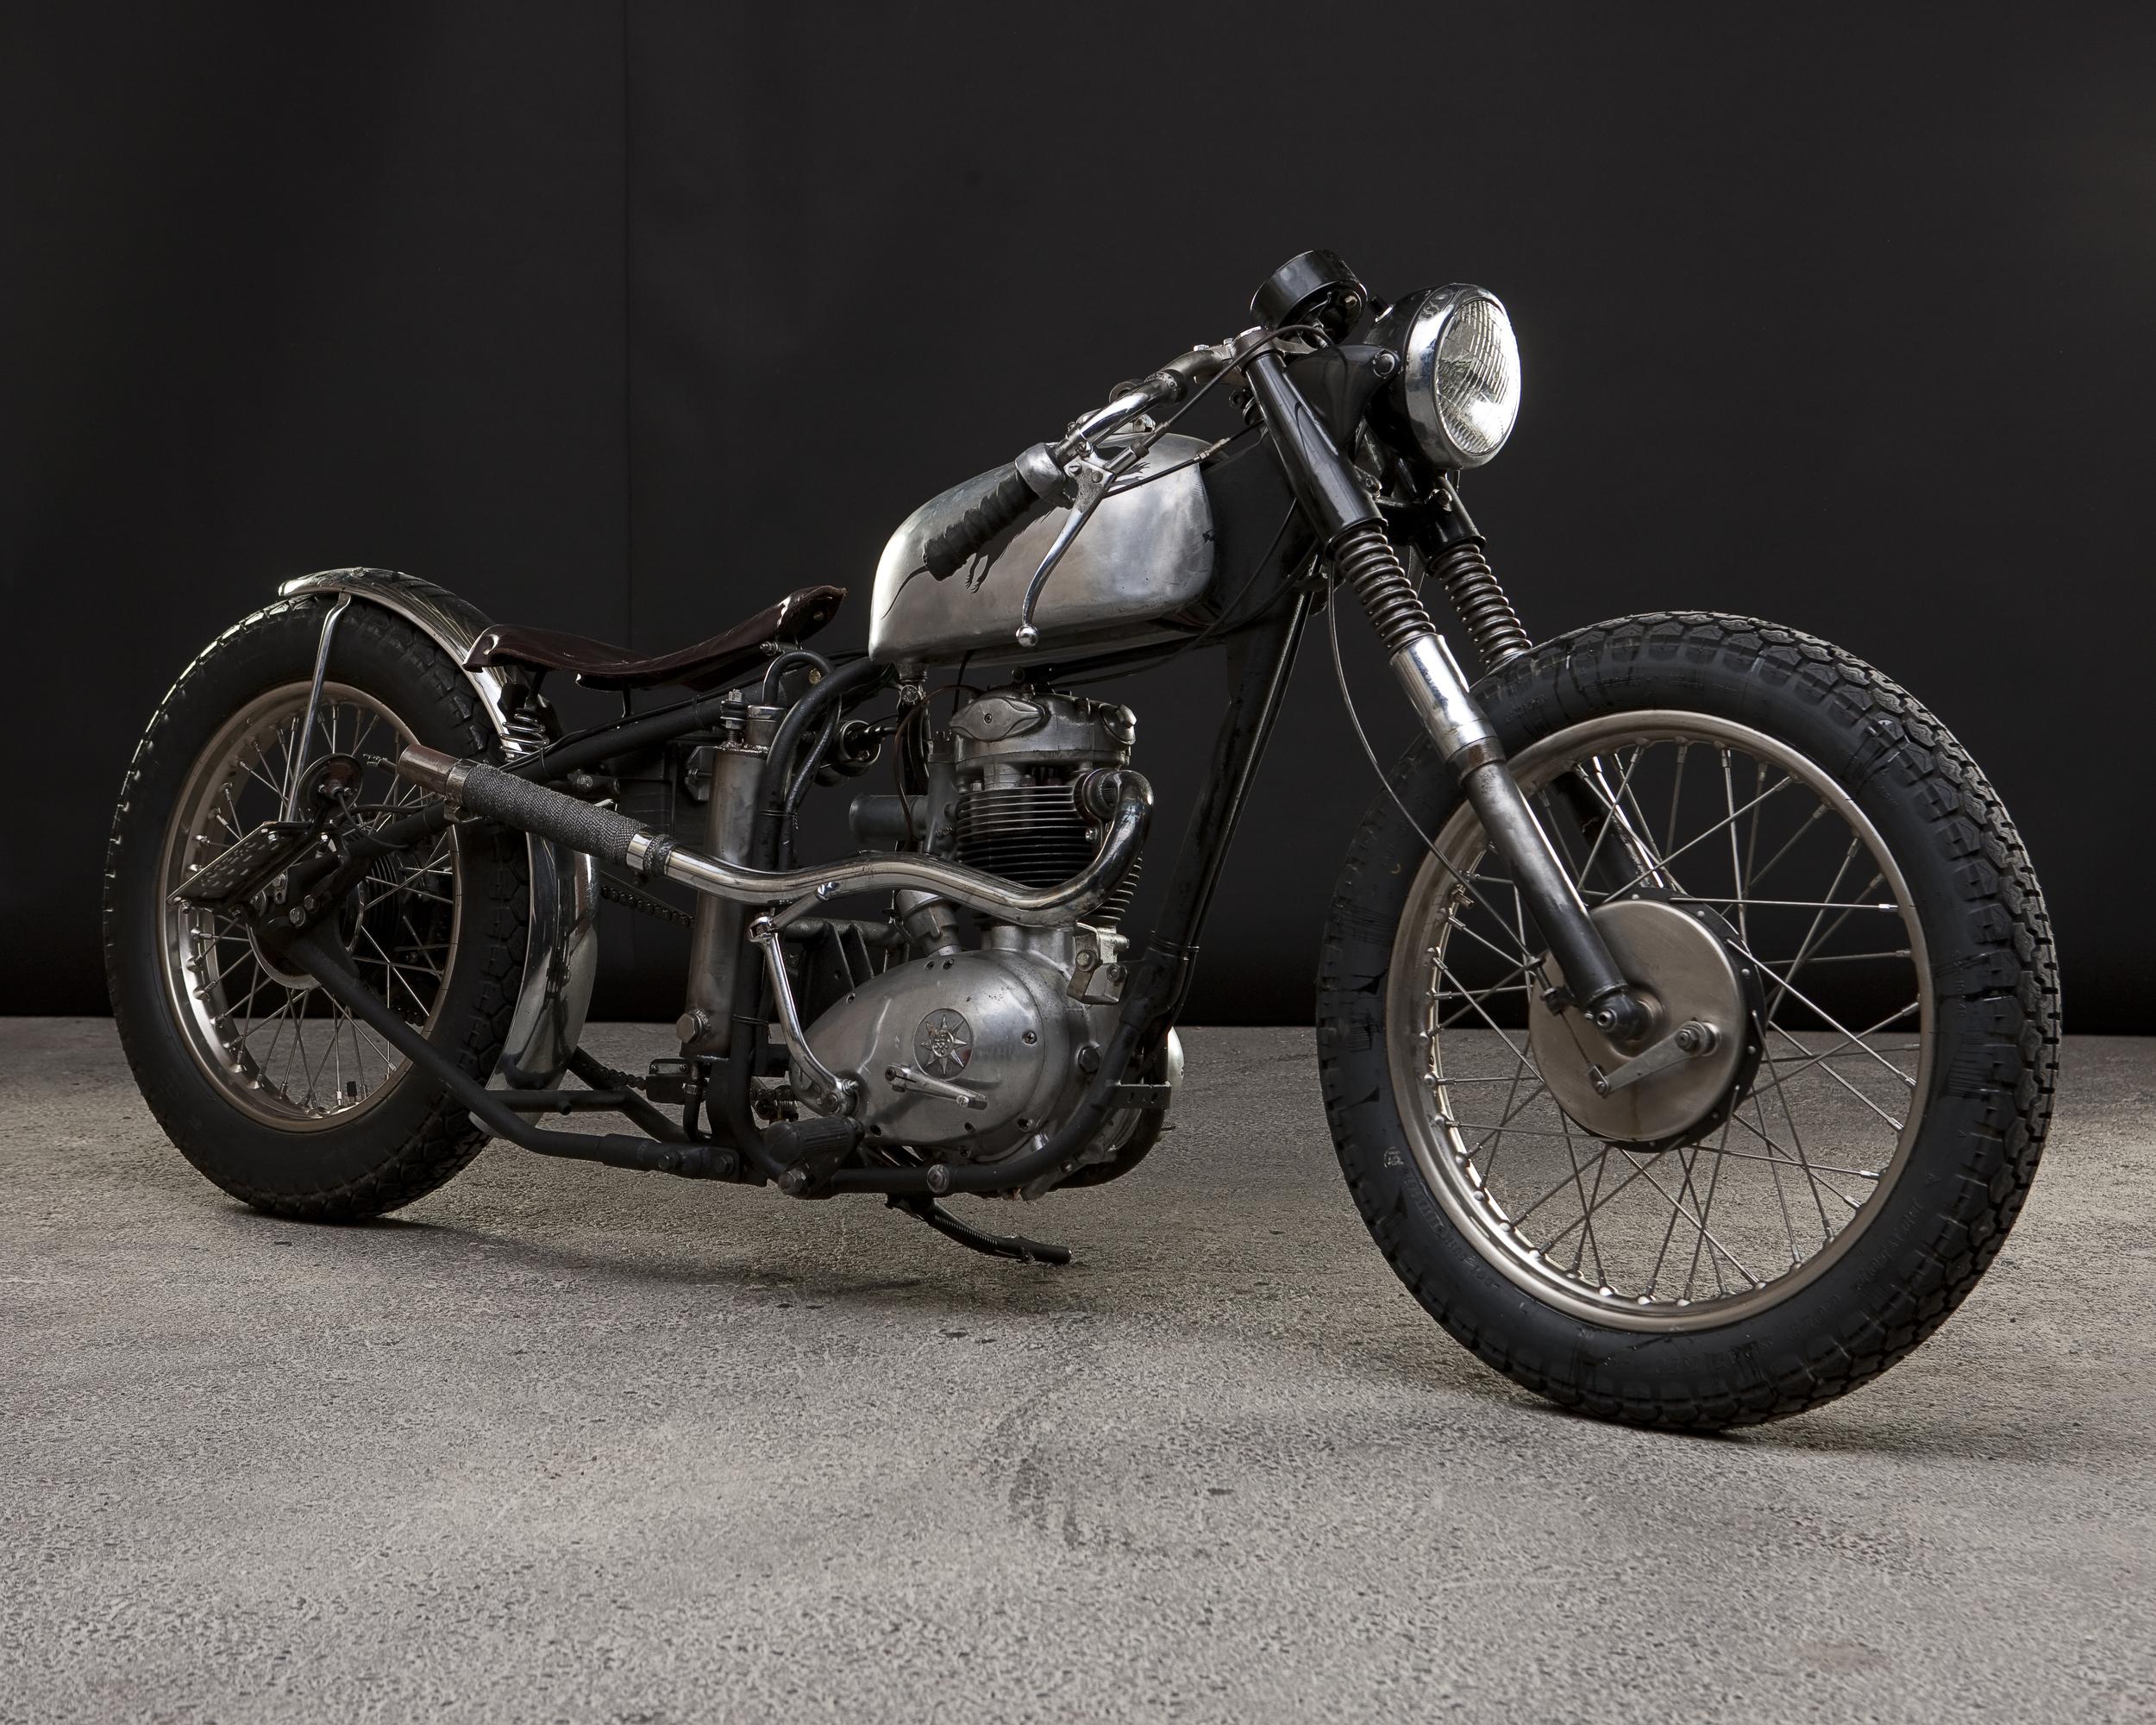 Hardsun Motorcycles 350cc Bsa B40